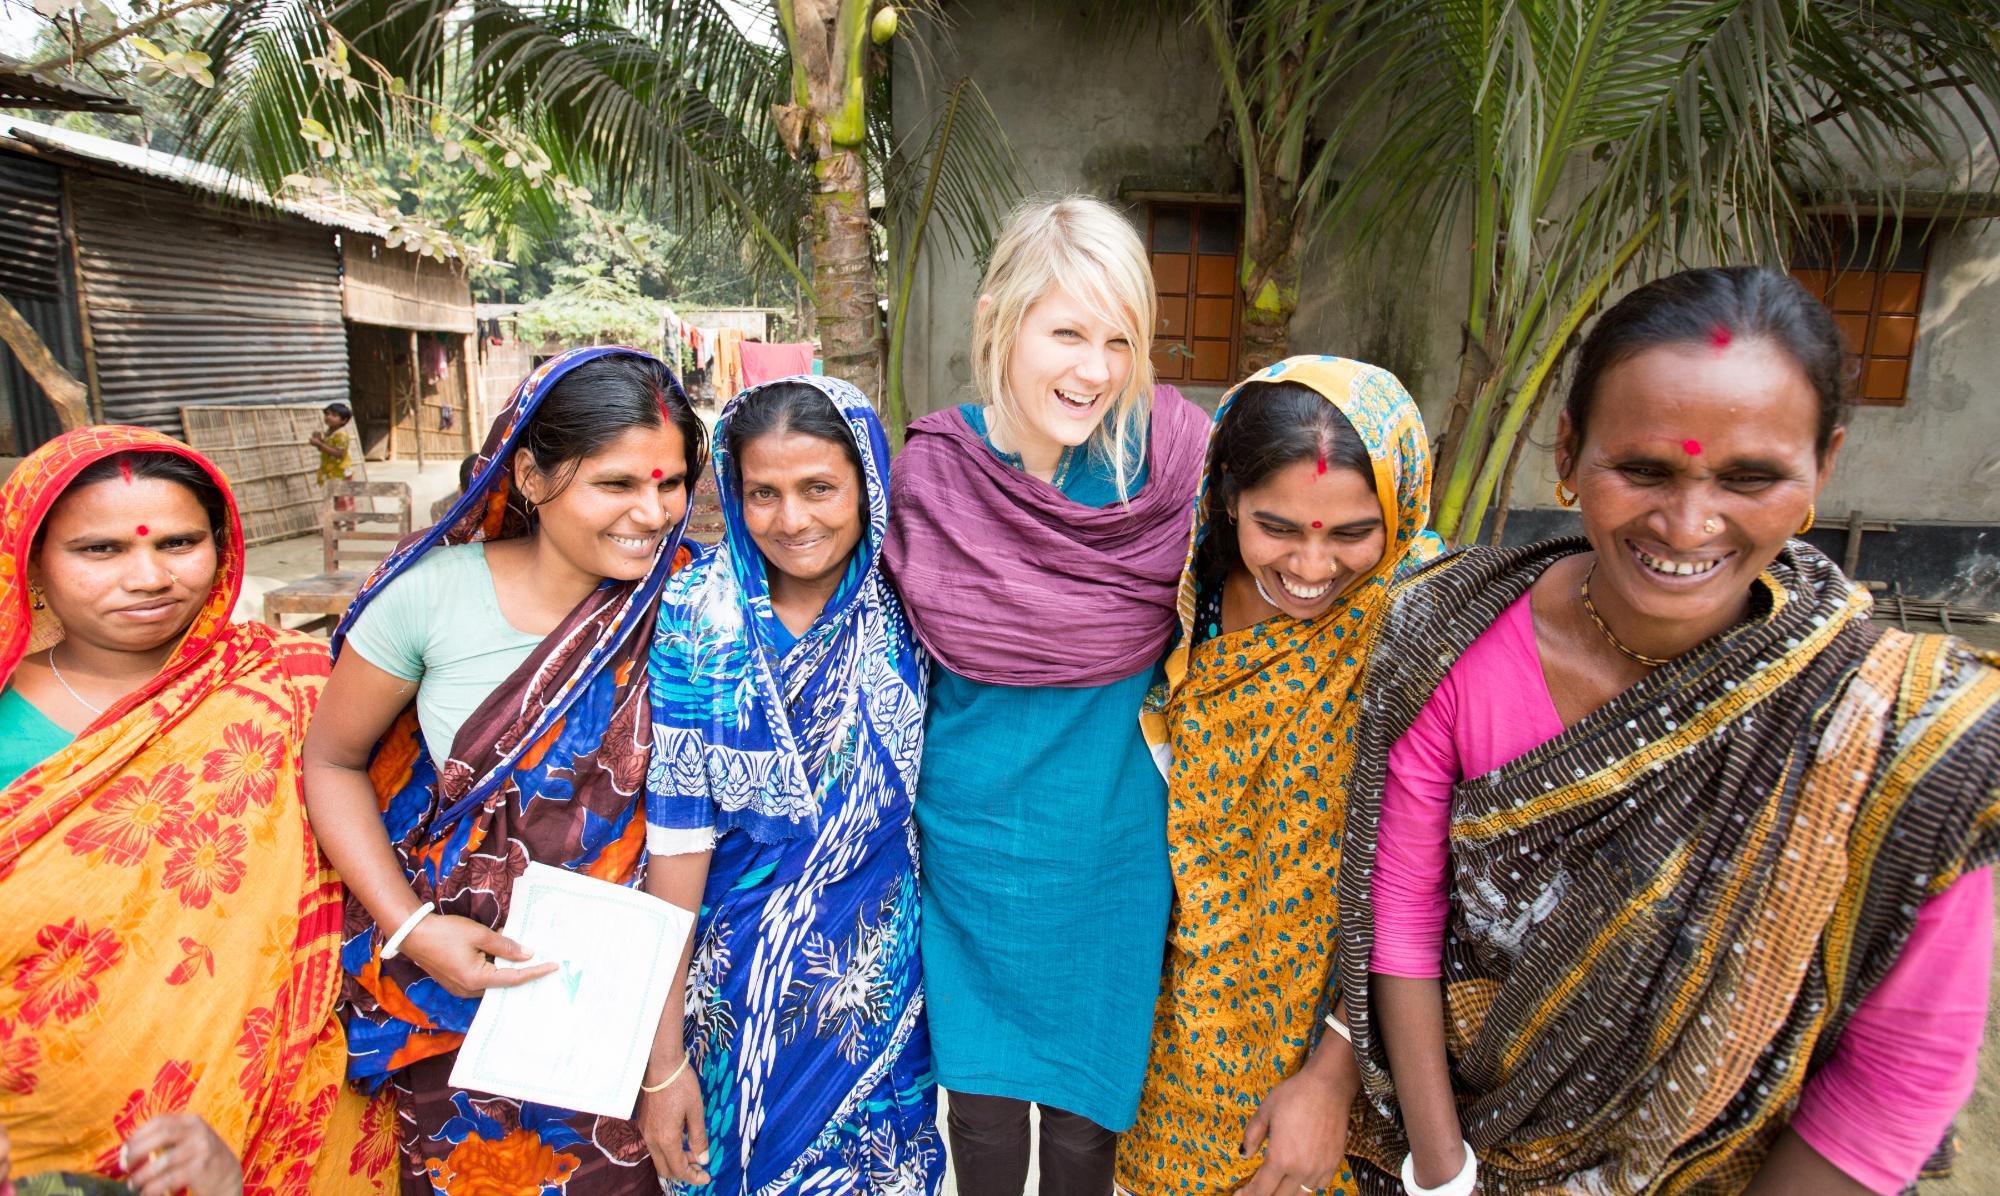 Esther_Bangladesh_Foodforthehungry.jpg